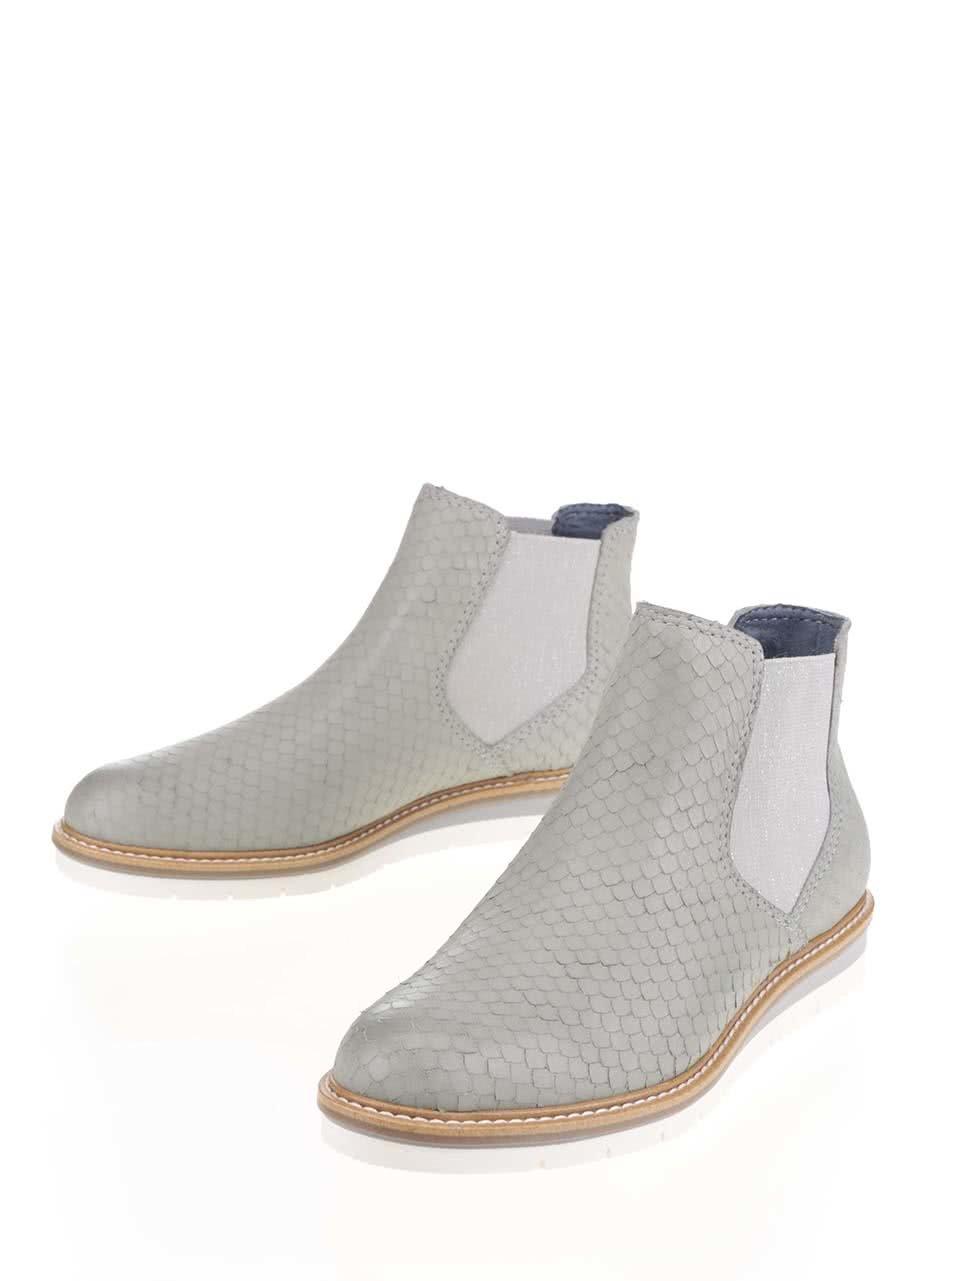 59f74c22f67d Svetlosivé kožené vzorované chelsea topánky Tamaris ...